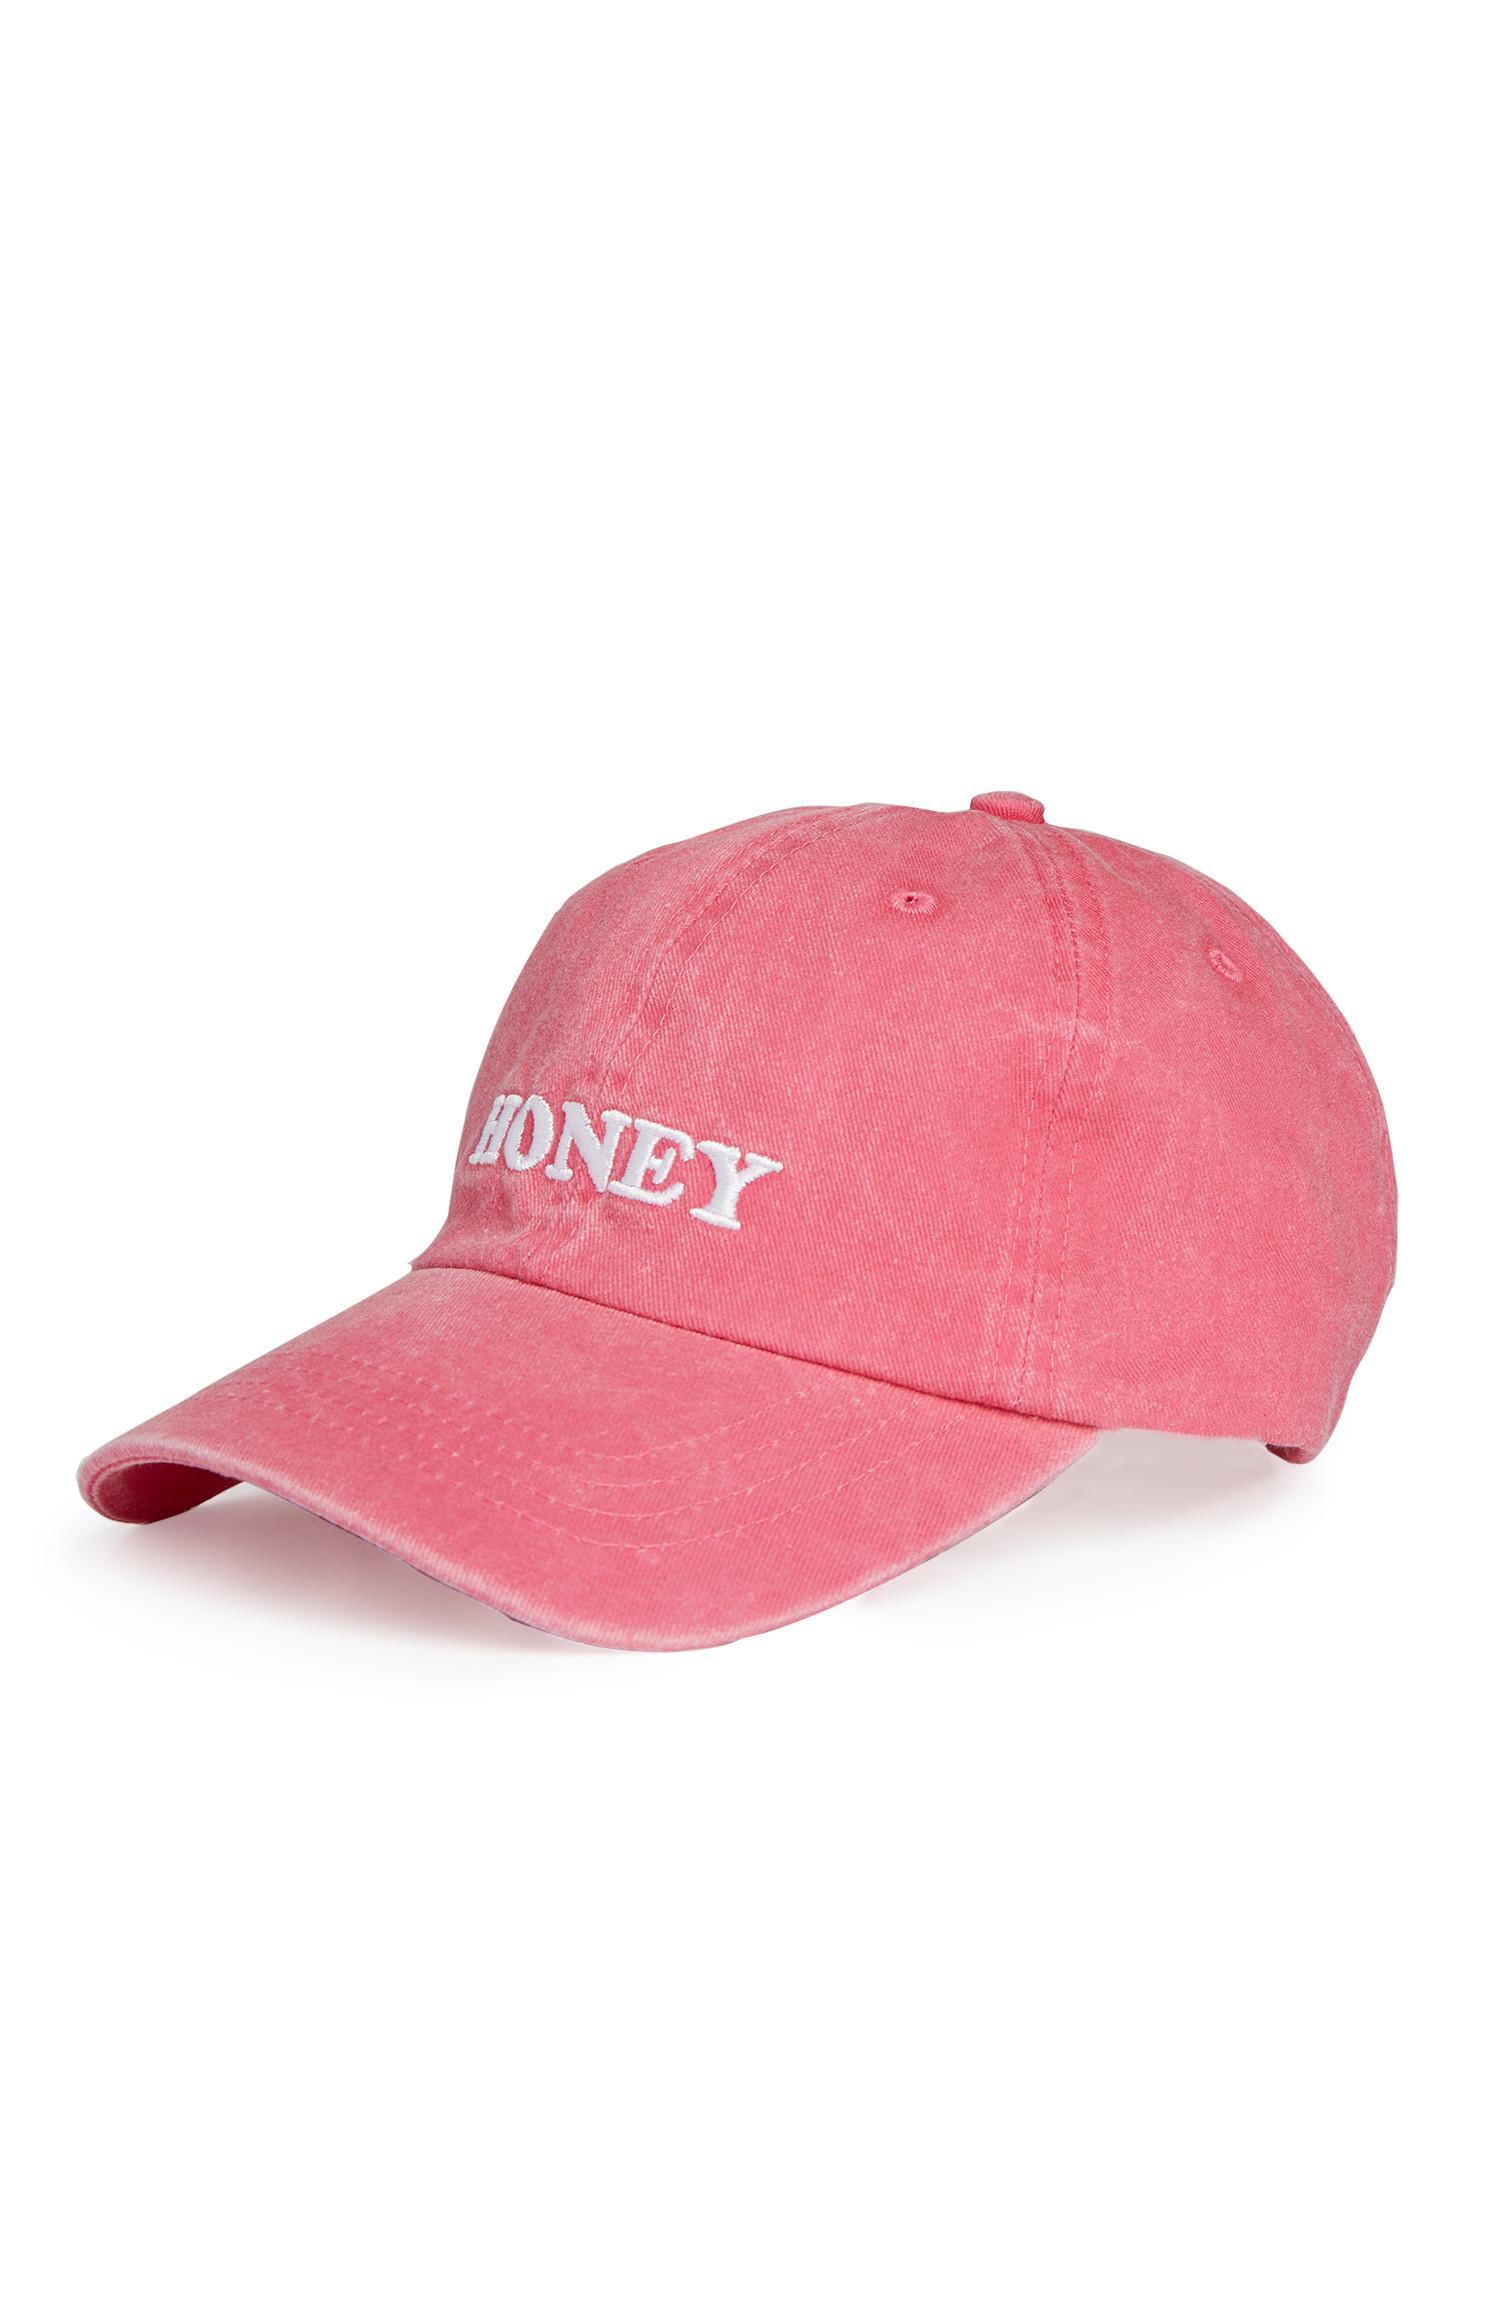 Roze pet met Honey-opdruk